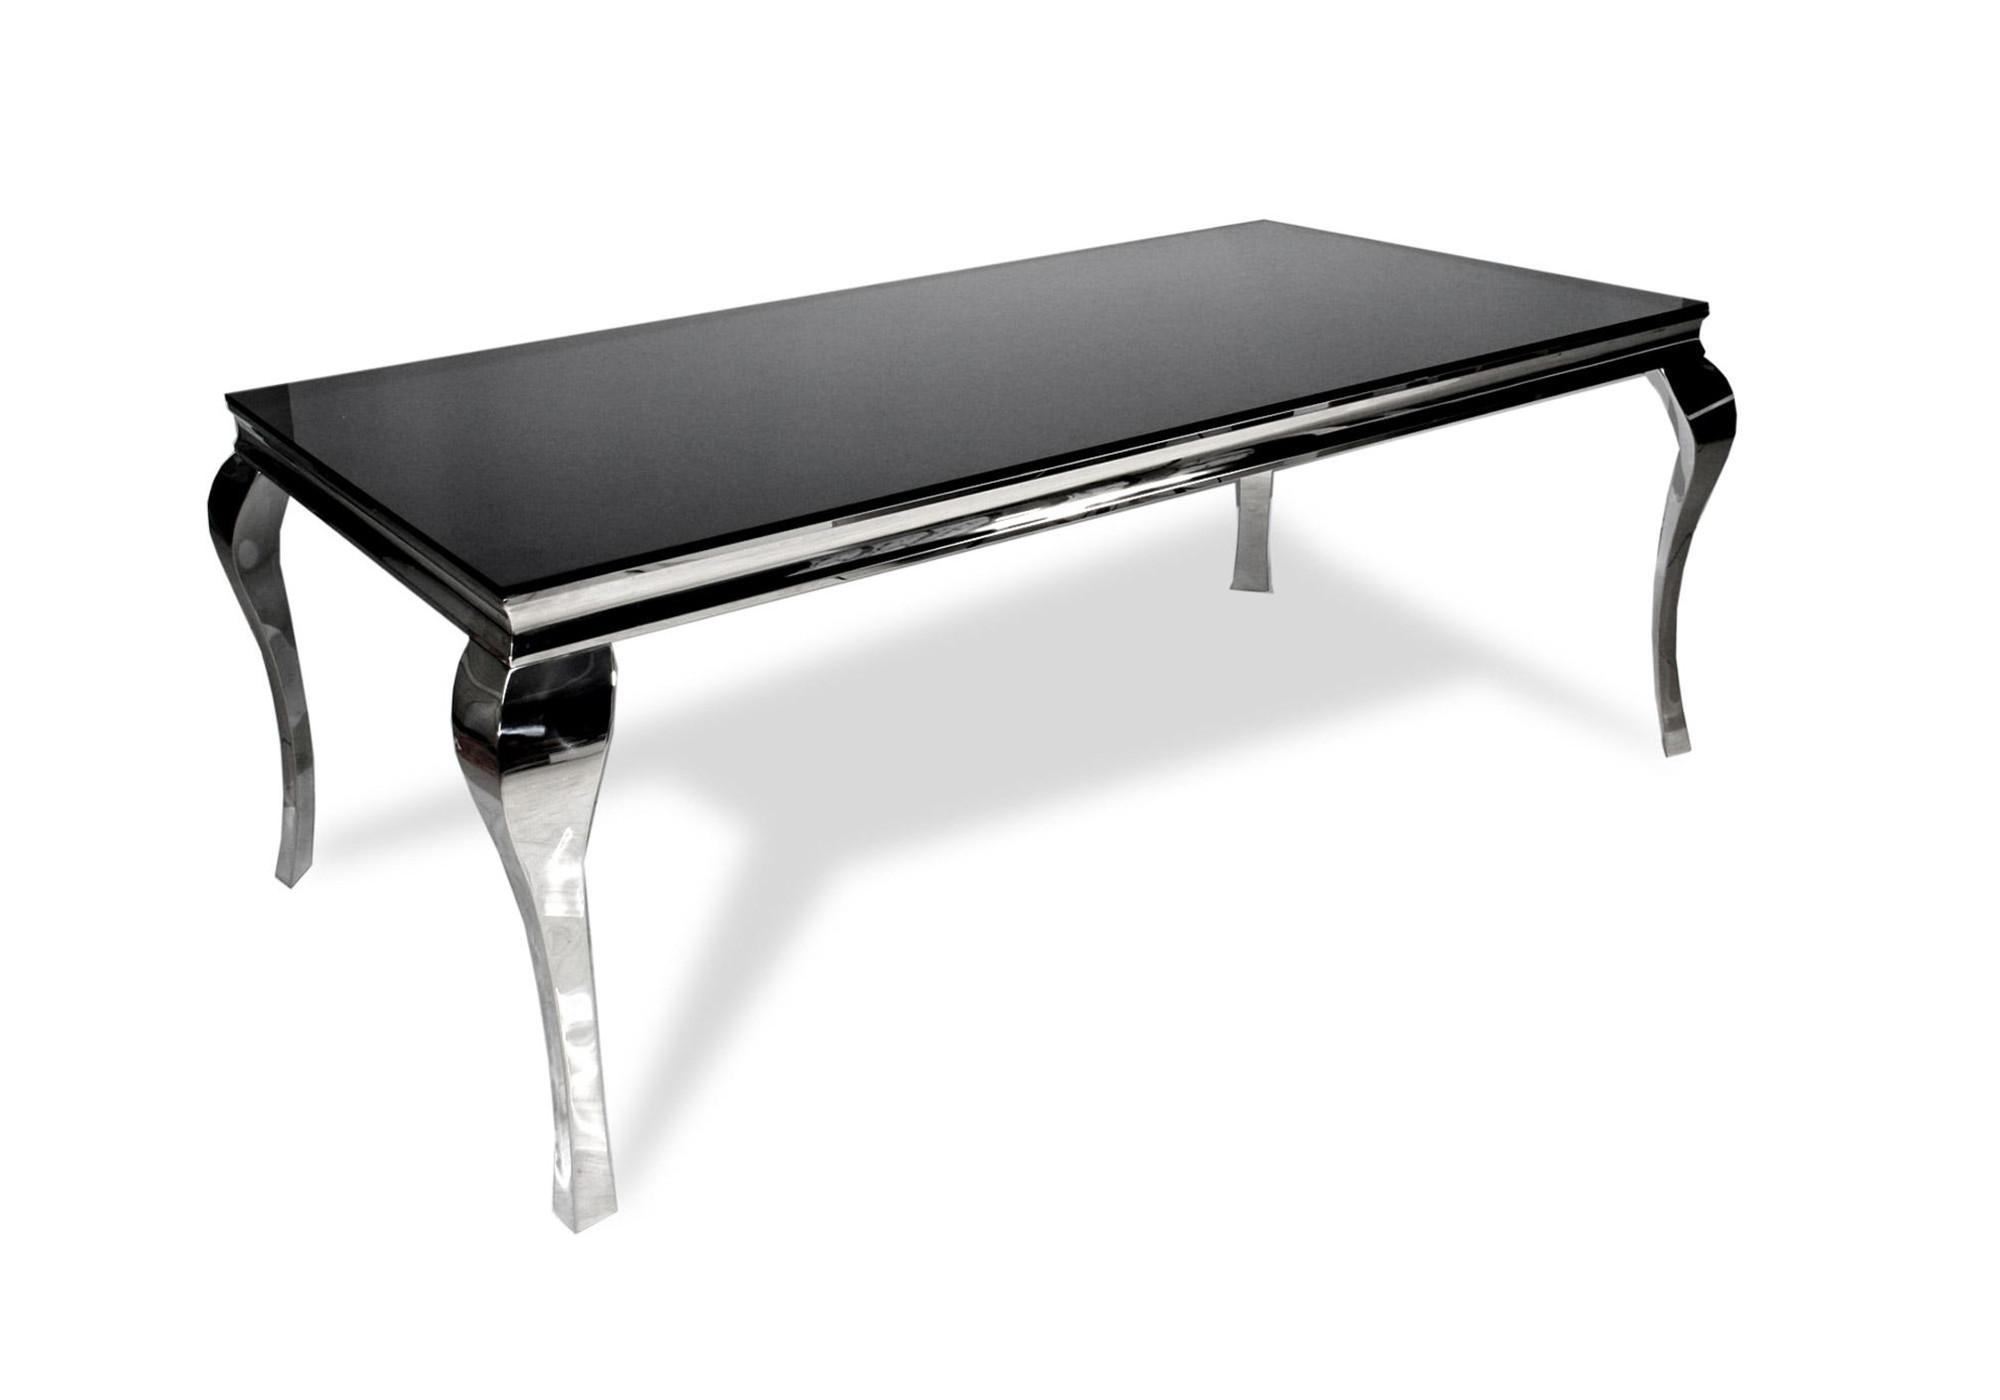 Table repas chromé verre noir NEO XL